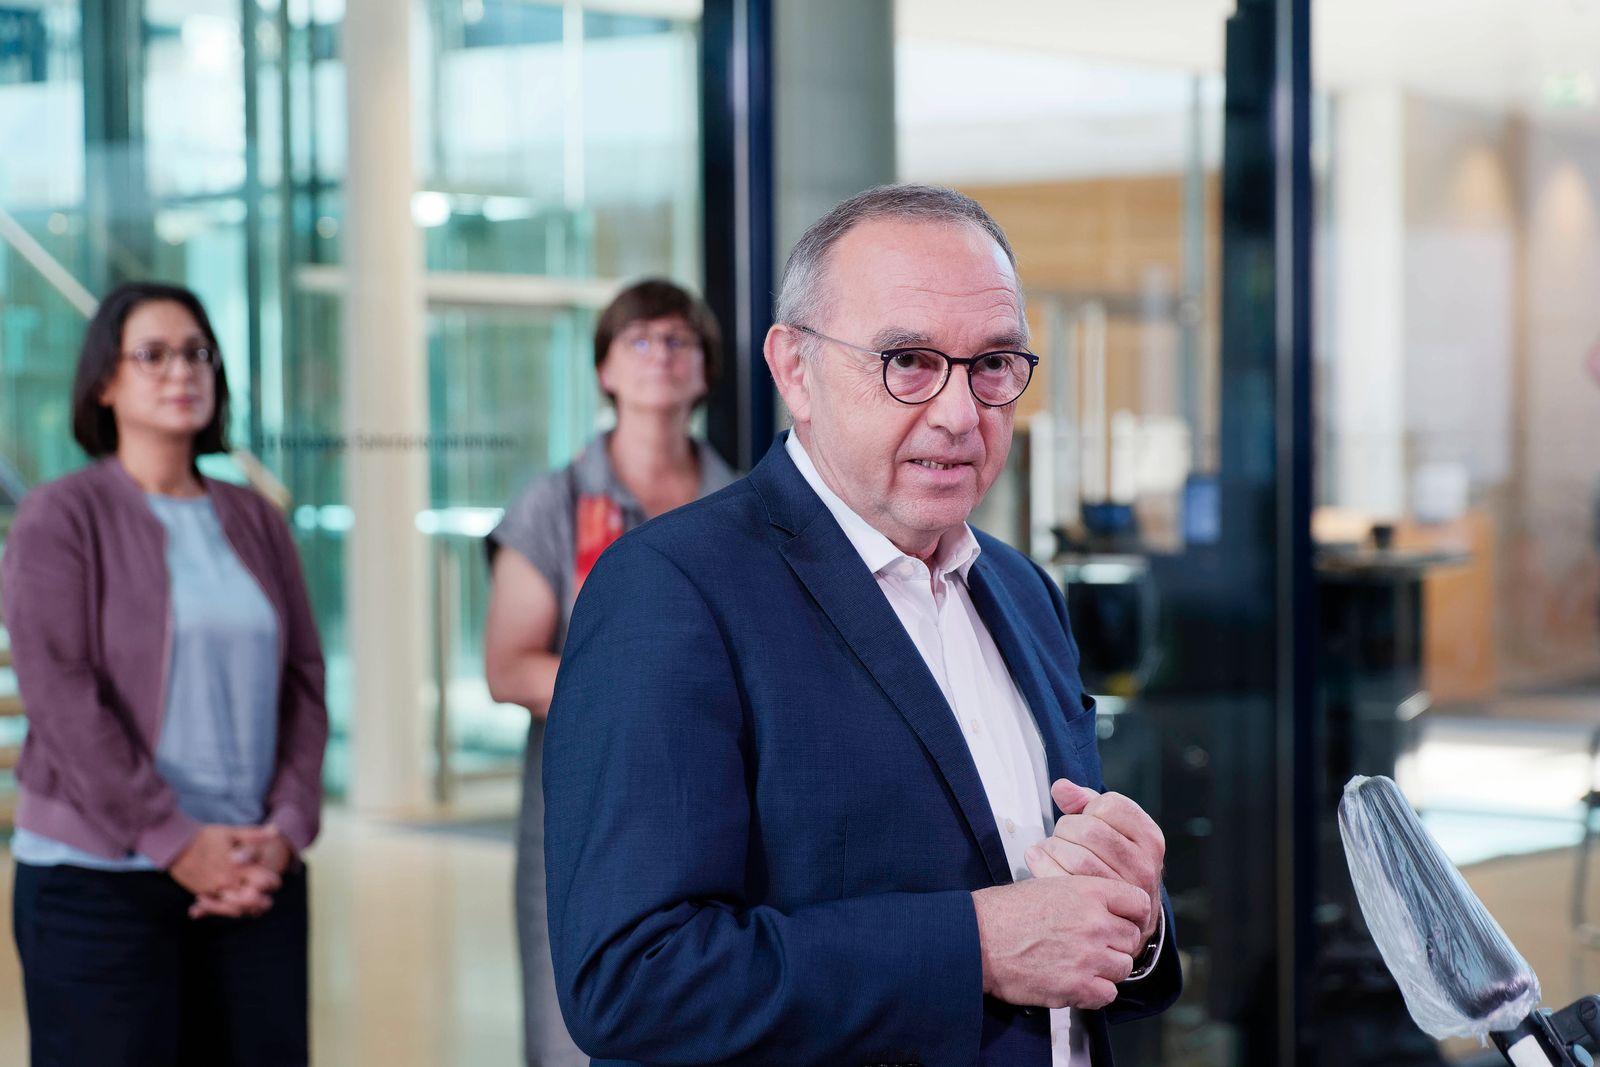 Norbert Walter-Borjans 2020-09-14, Berlin, Deutschland - Statements von SPD-Spitze und Kanzlerkandidat nach der Präsidie